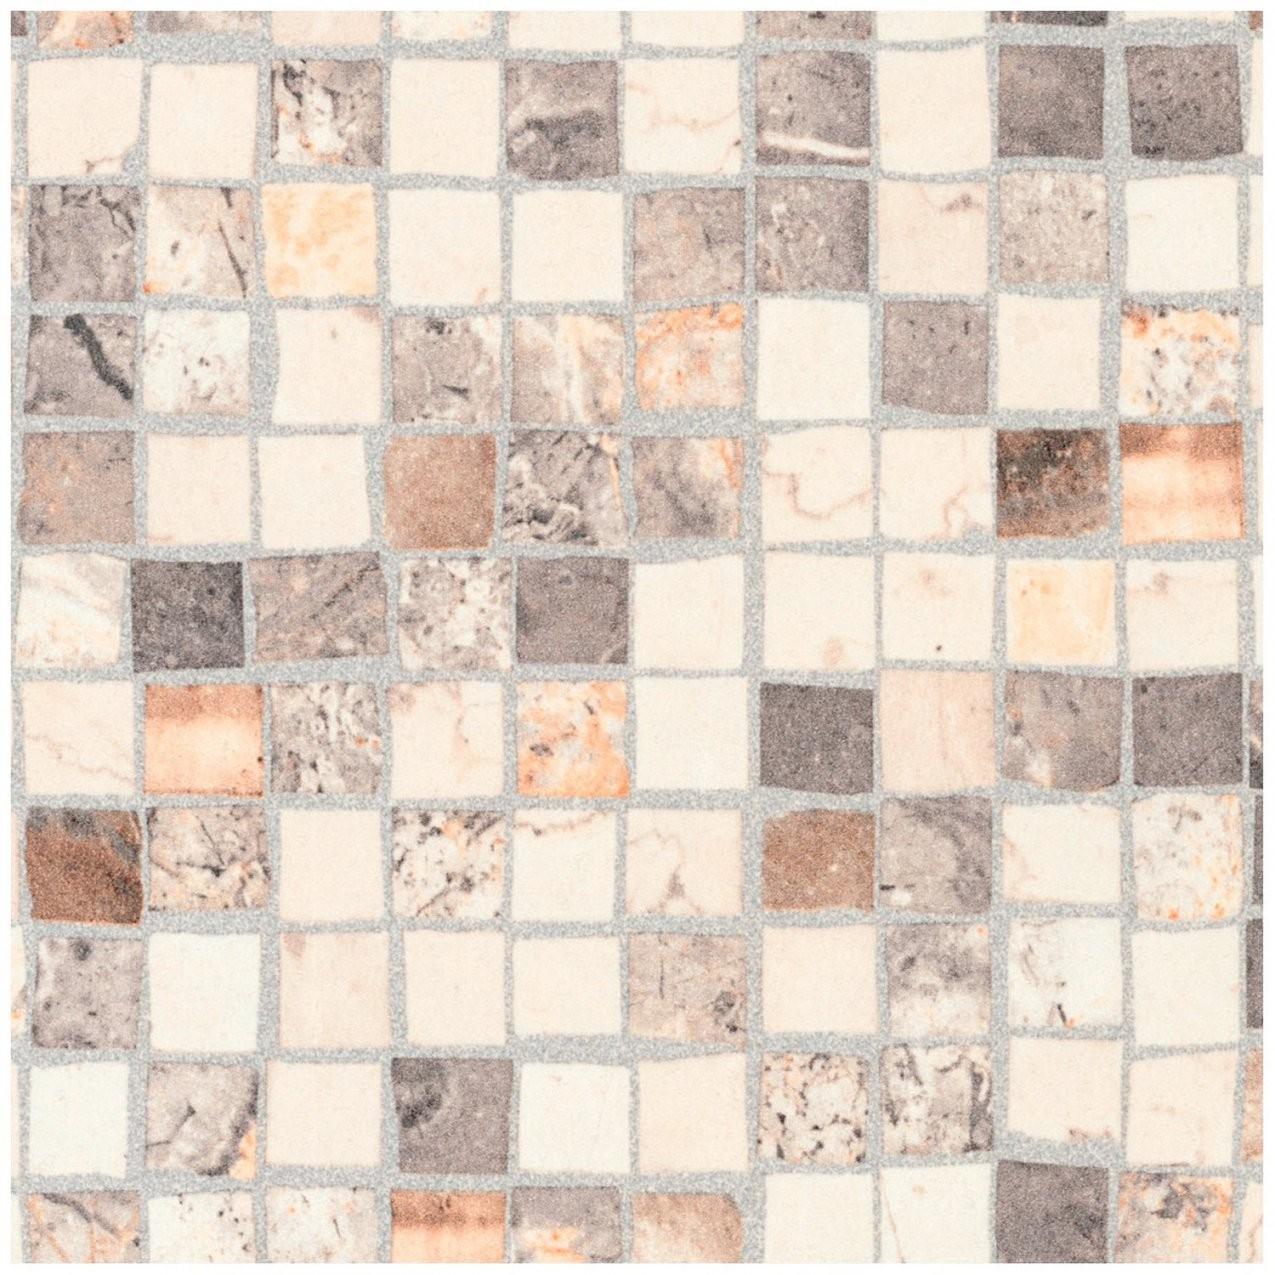 Arbeitsplatte 60 Cm X 39 Cm Mosaik Braunbeige (S 234) Kaufen Bei Obi von Mosaik Fliesen Obi Bild